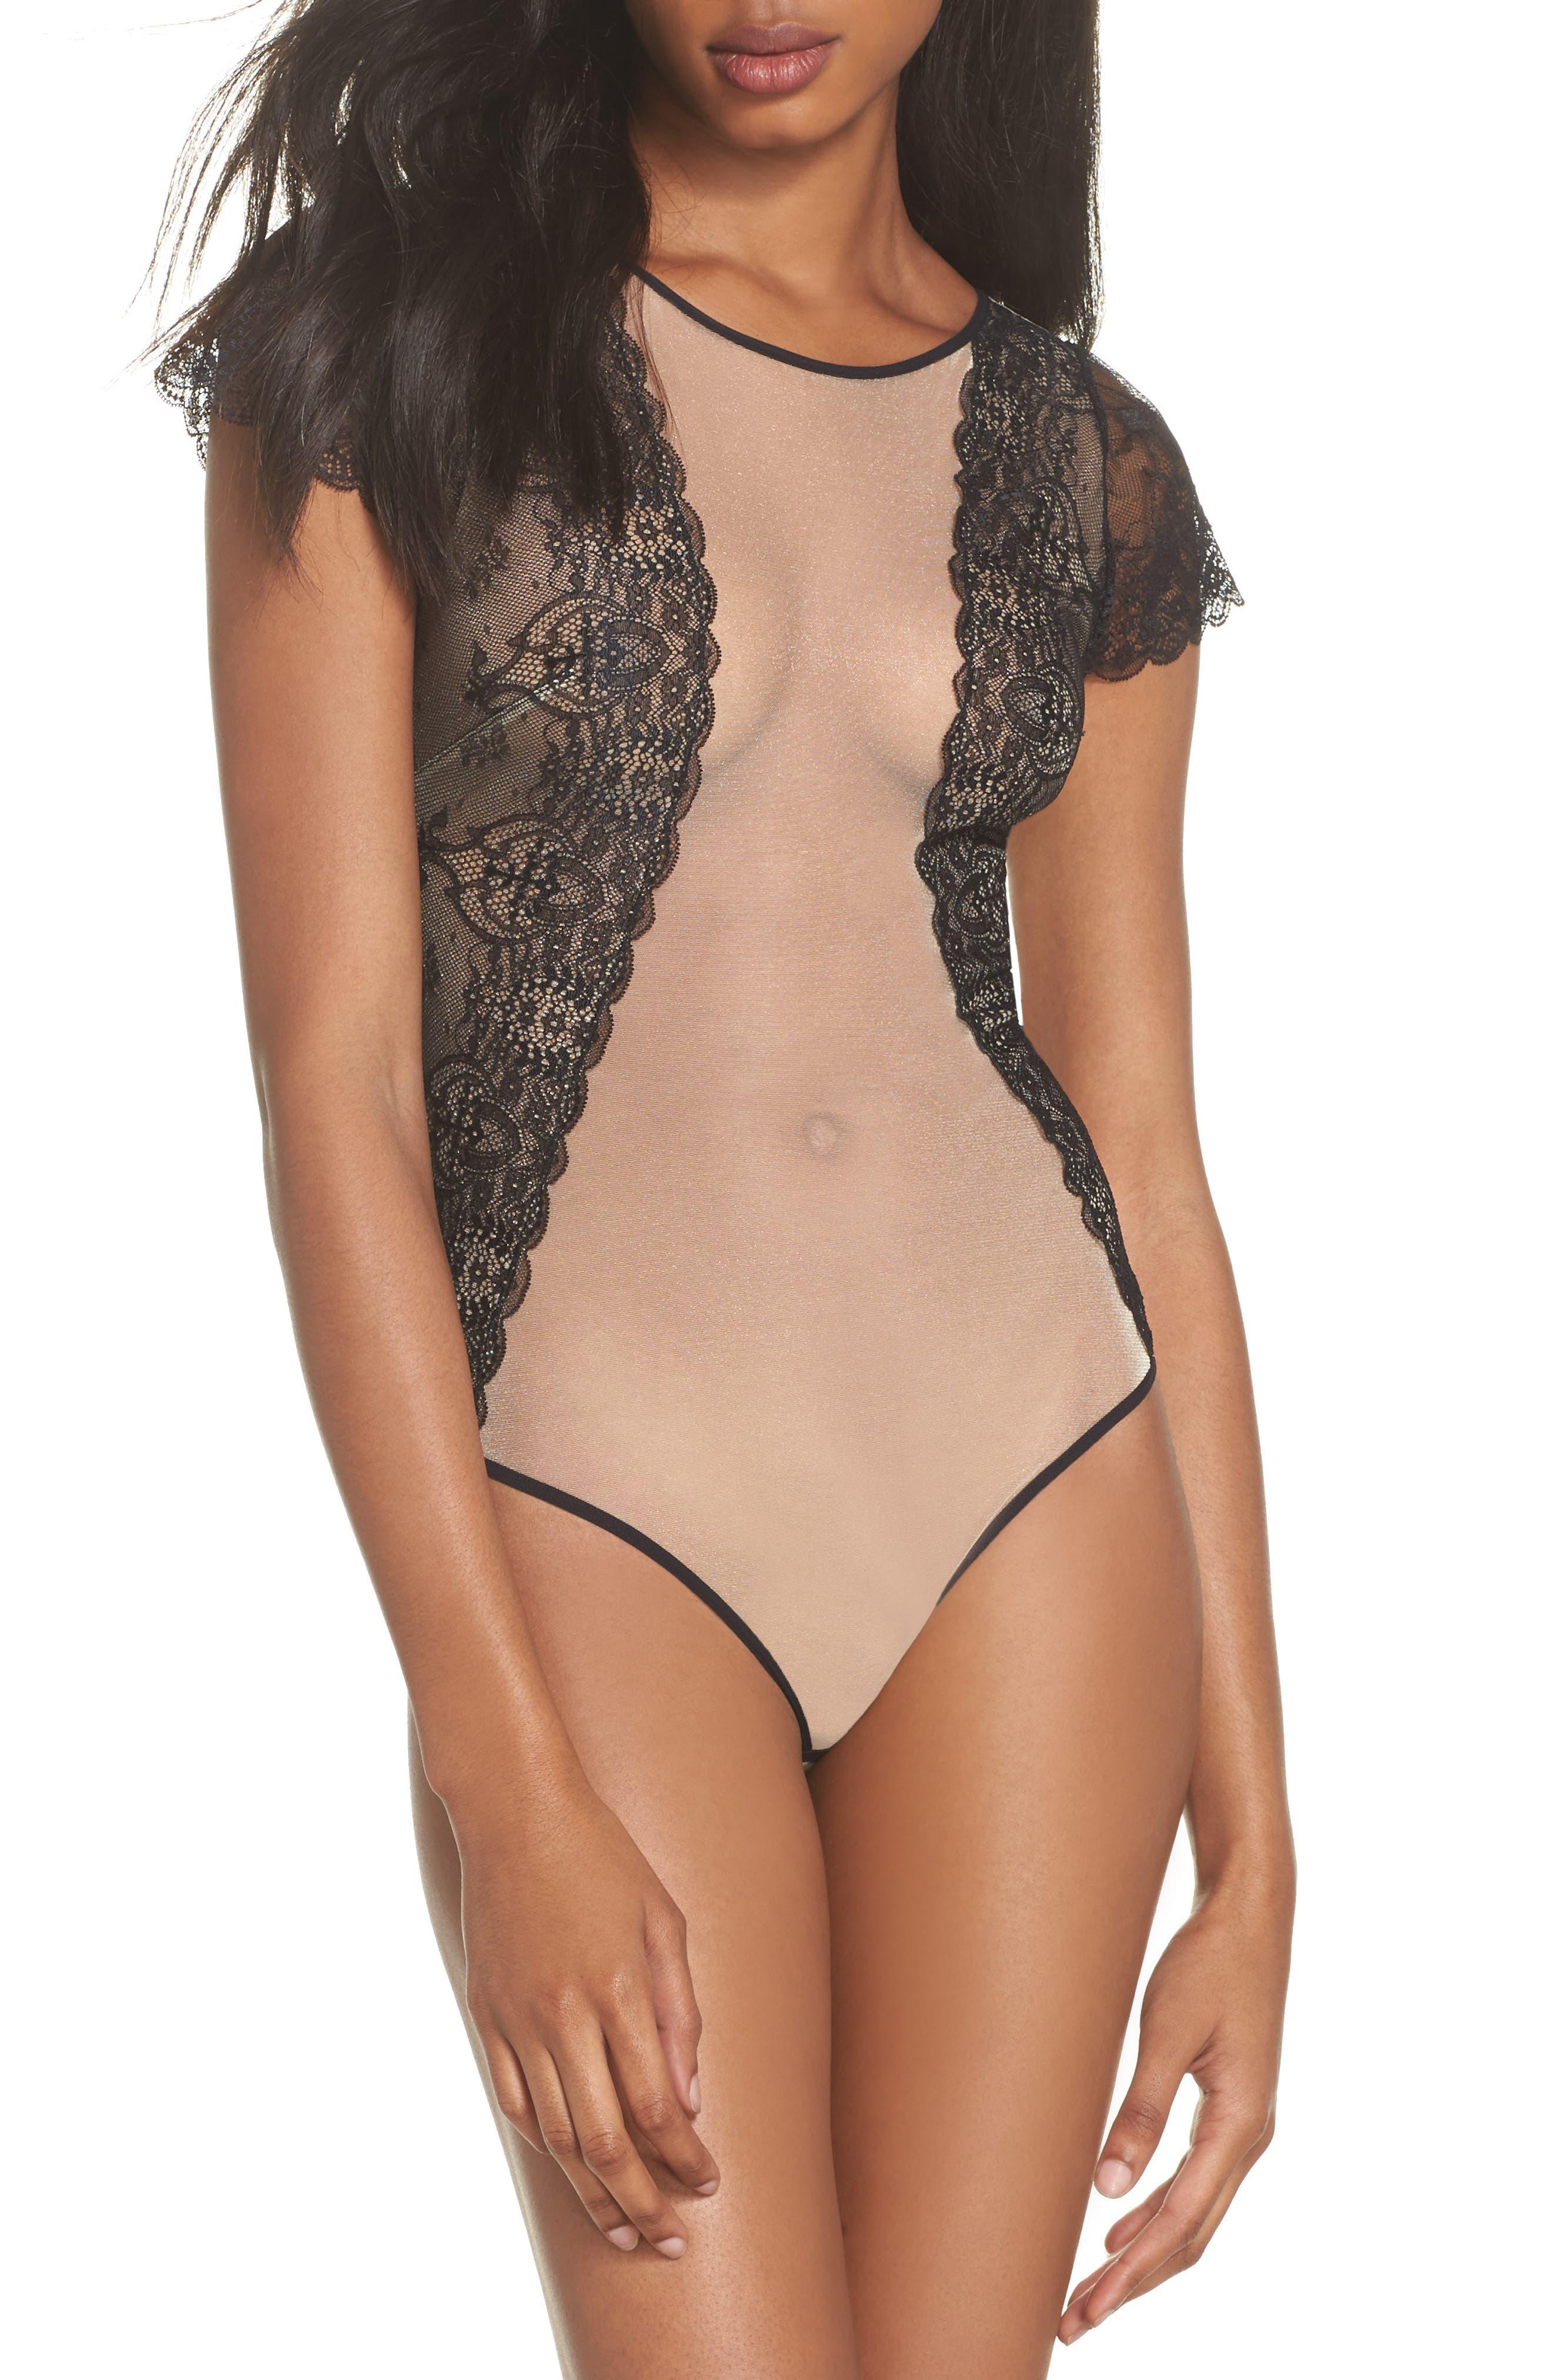 L'Antichambre Mesh & Lace Thong Bodysuit,                             Main thumbnail 1, color,                             Black / Nude